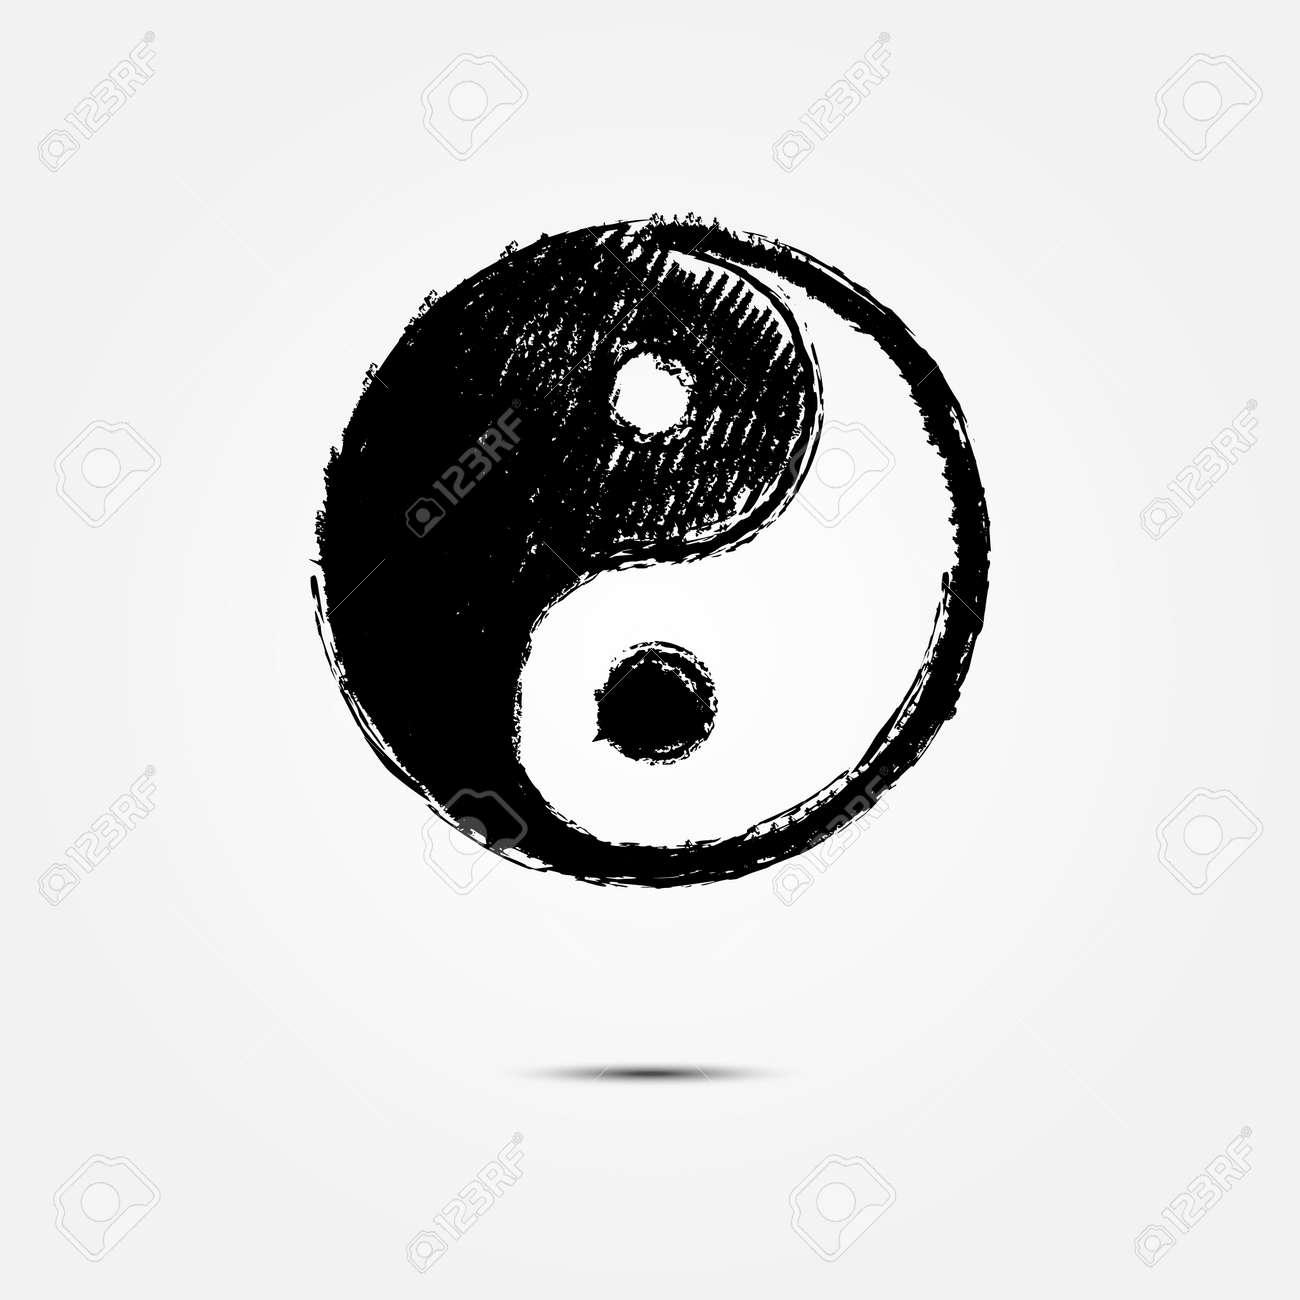 Yin Yang Symbol Drawing Royalty Free Cliparts Vectors And Stock